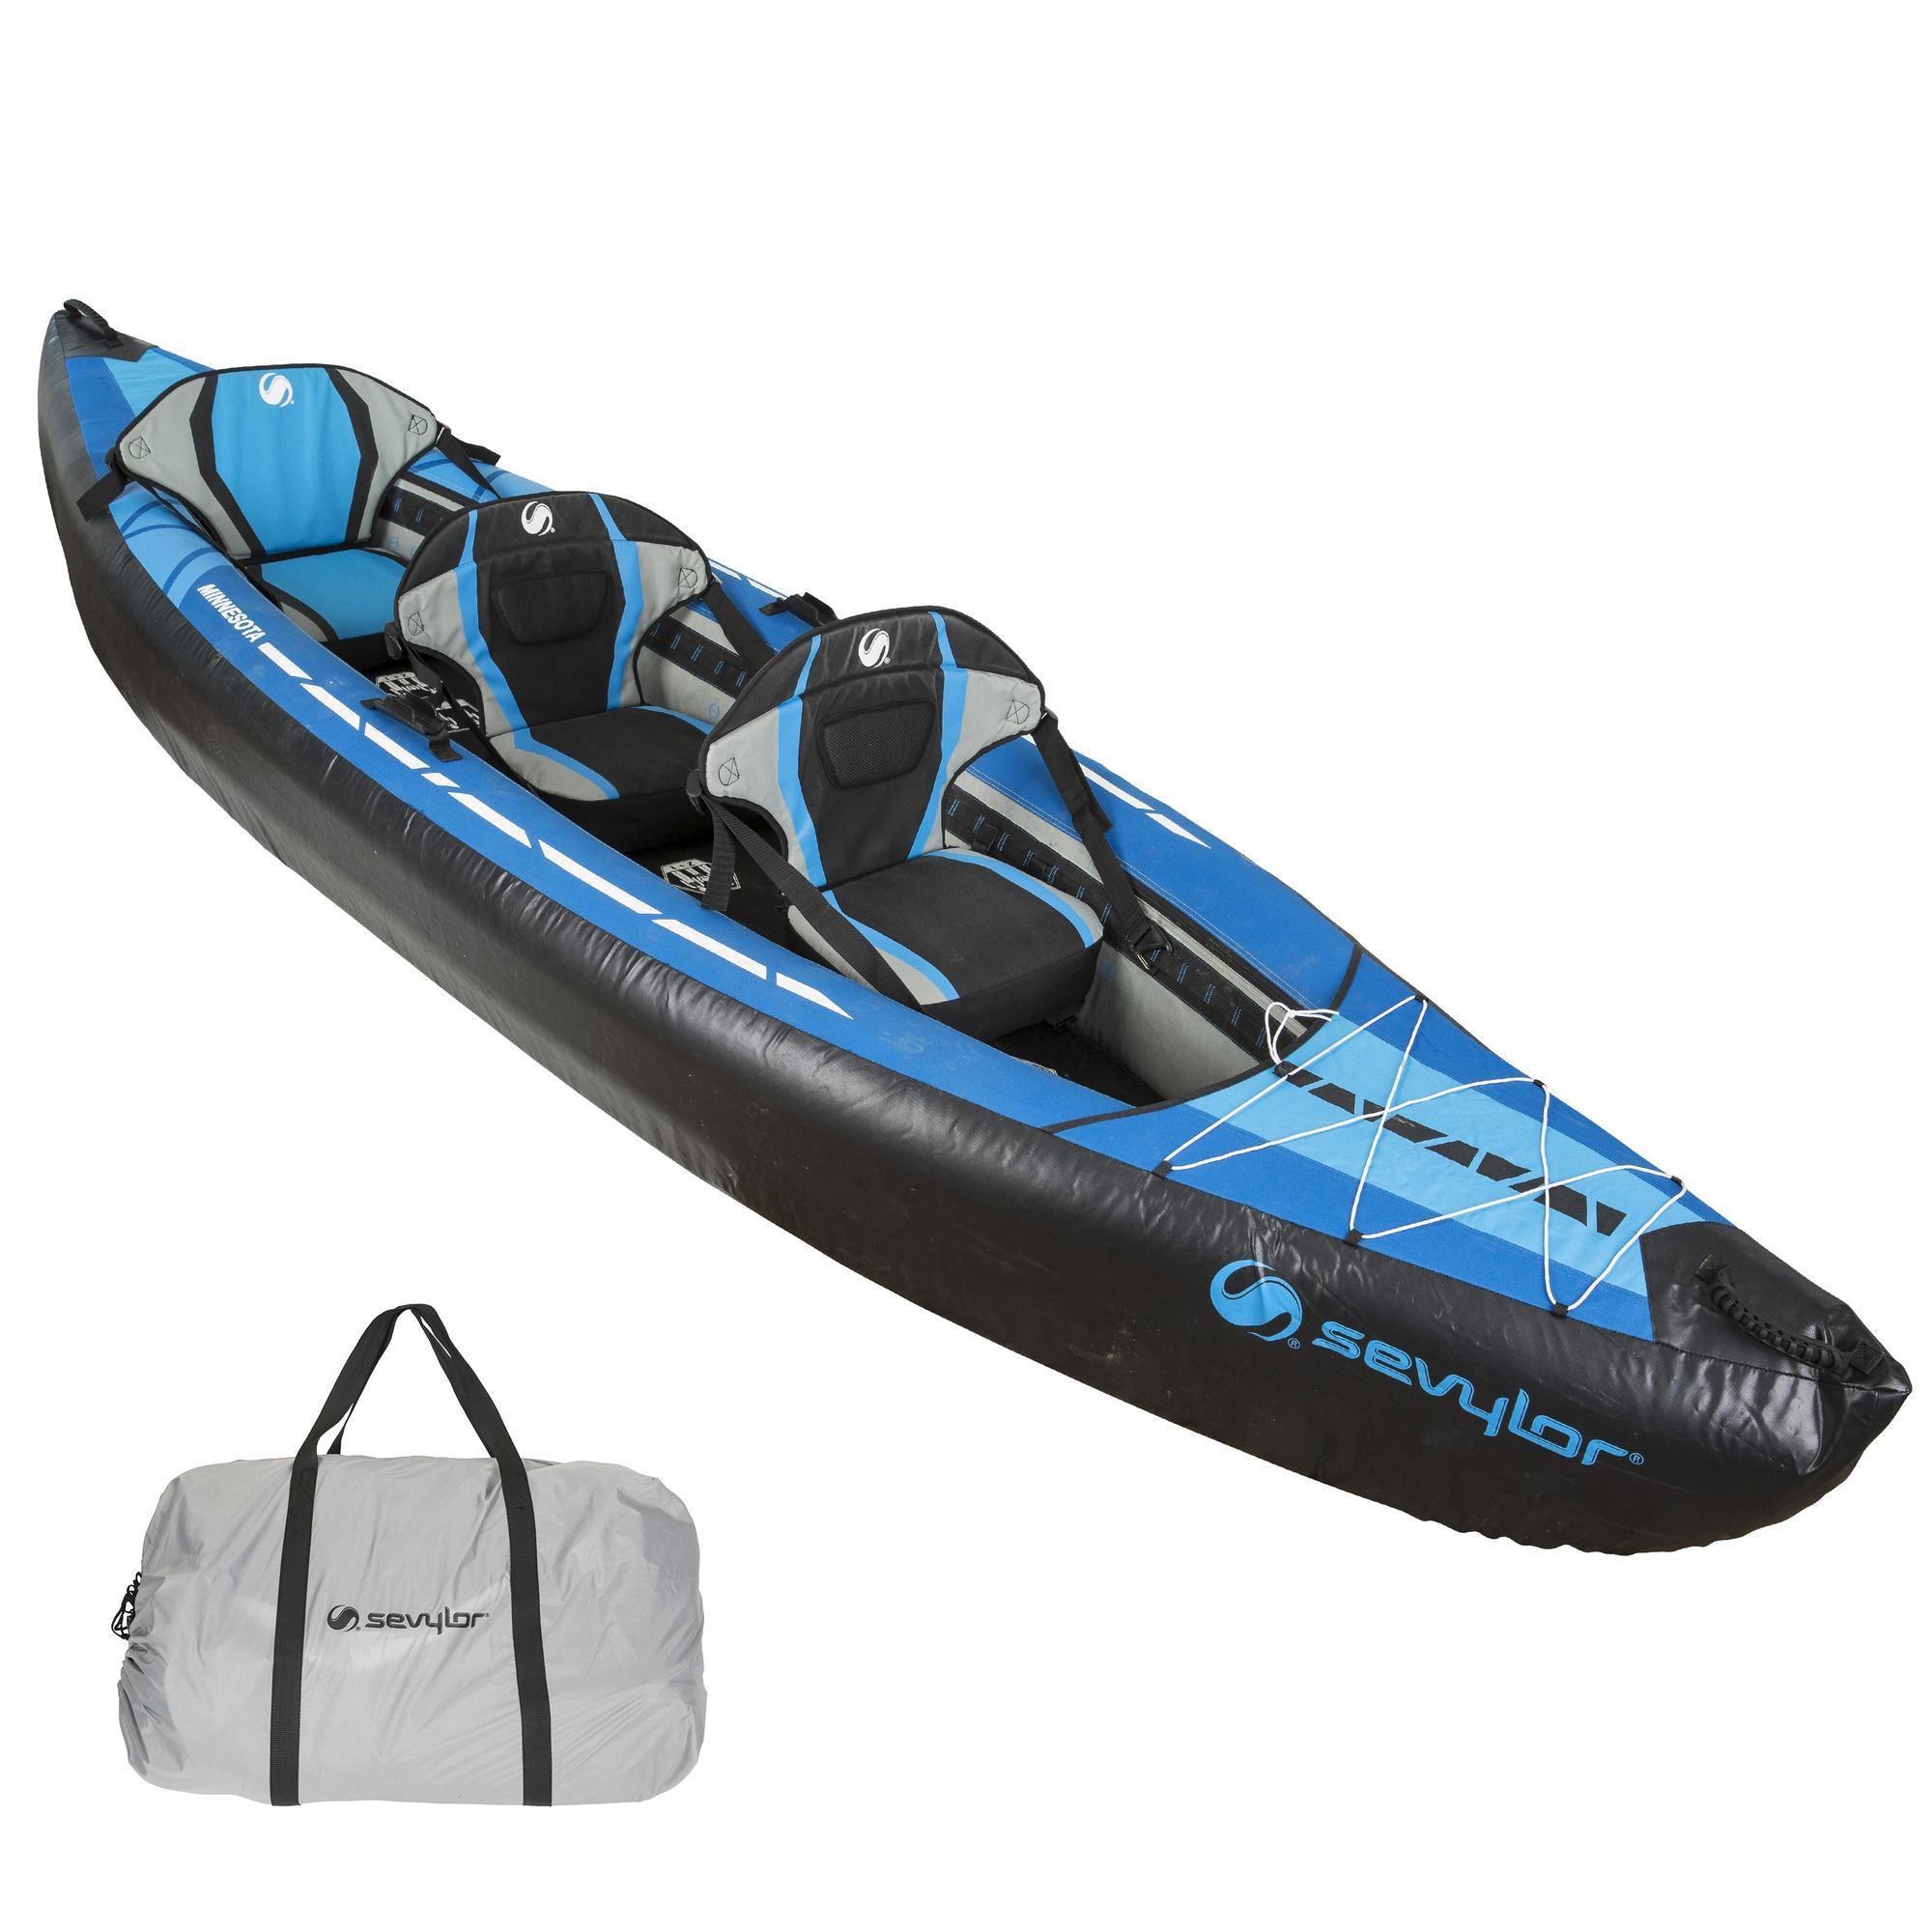 Bootsport Stechpaddel Paddel  Ruder für Kanu Kanadier Kajak Boot Ruderboot 2018 Ruder- & Paddelboote